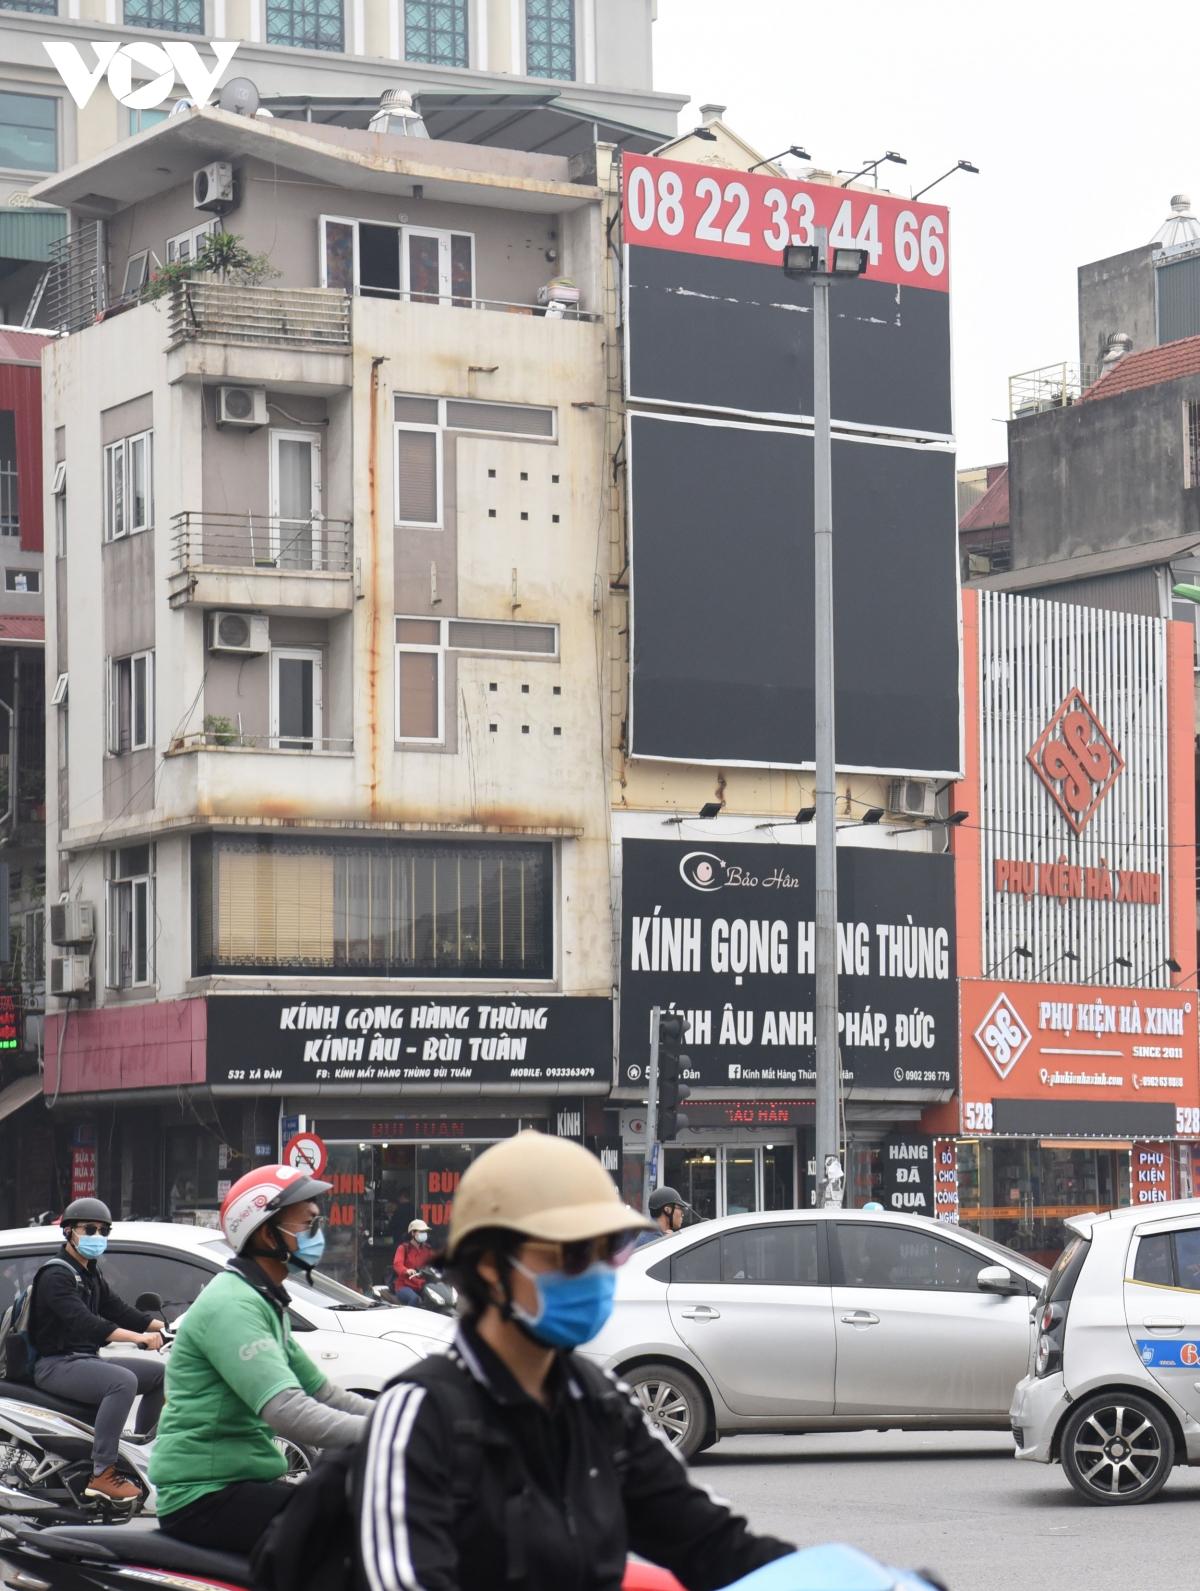 Biển quảng cáo bịt kín nhiều nhà trên phố, 'bịt' luôn cơ hội thoát thân khi hỏa hoạn? - Ảnh 5.